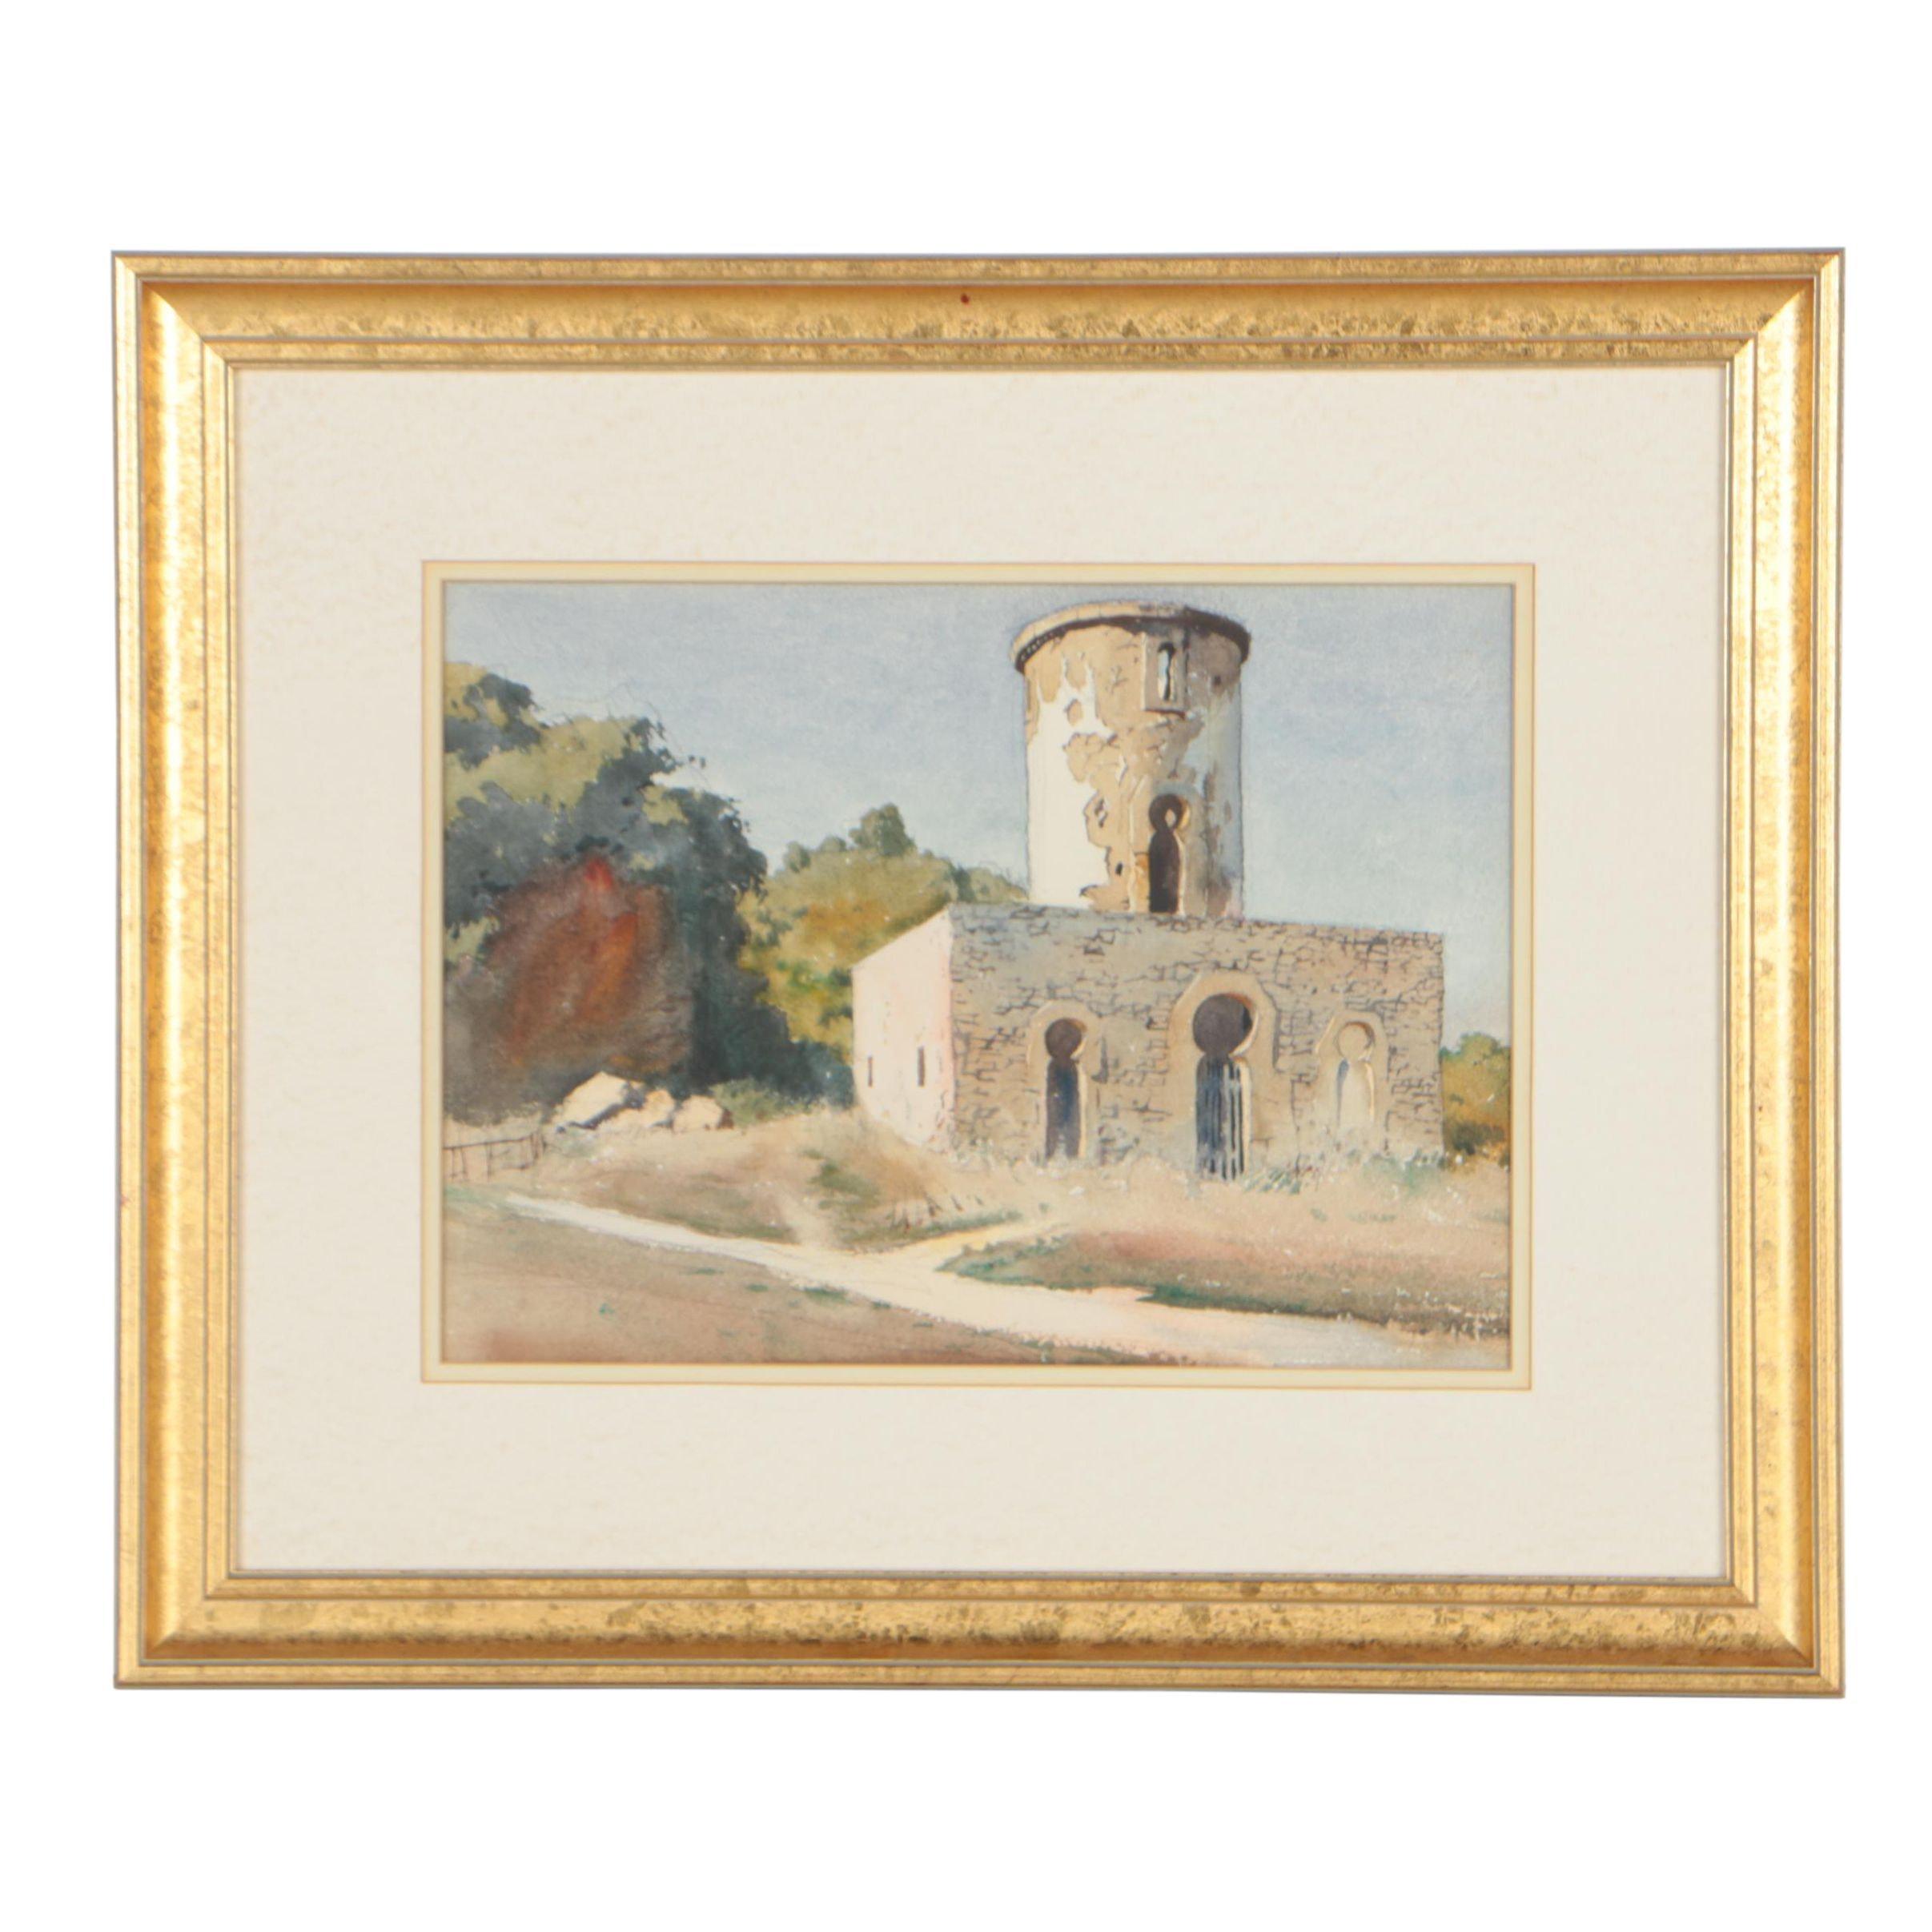 Edmond J. Fitzgerald Architectural Landscape Watercolor Painting